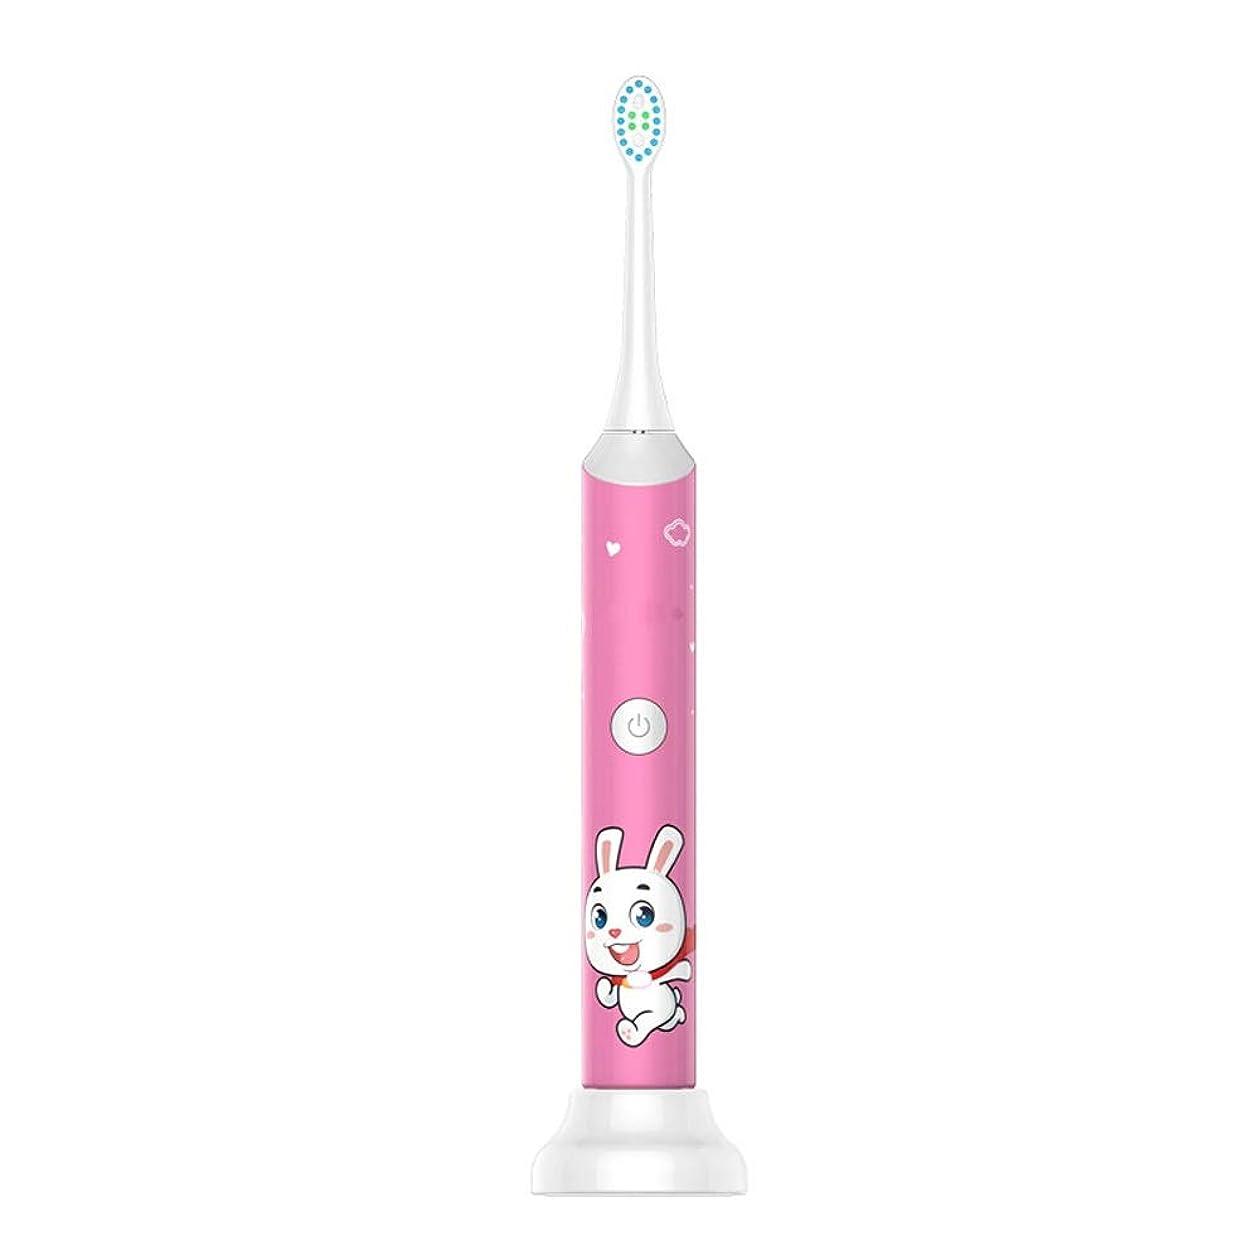 悲劇的な平凡エントリ子供の電動歯ブラシ防水USB充電ベースホルダー柔らかい毛の歯ブラシ歯科医推奨 (色 : ピンク, サイズ : Free size)